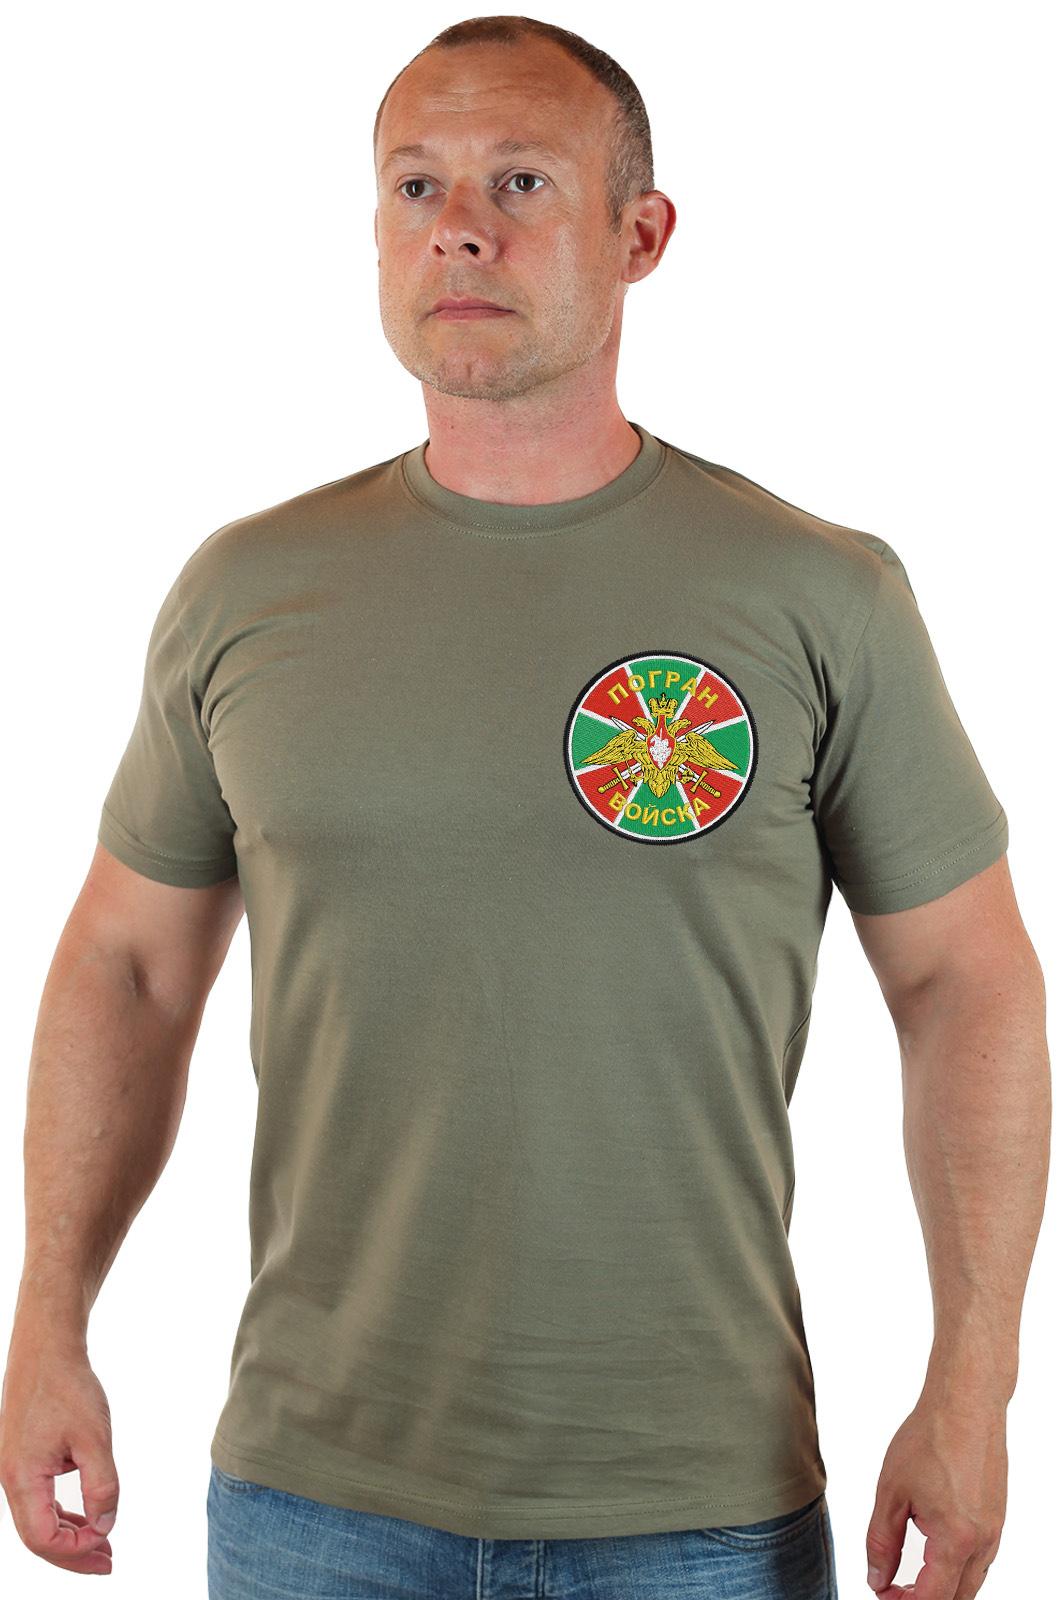 Купить футболку с символикой Пограничная Служба